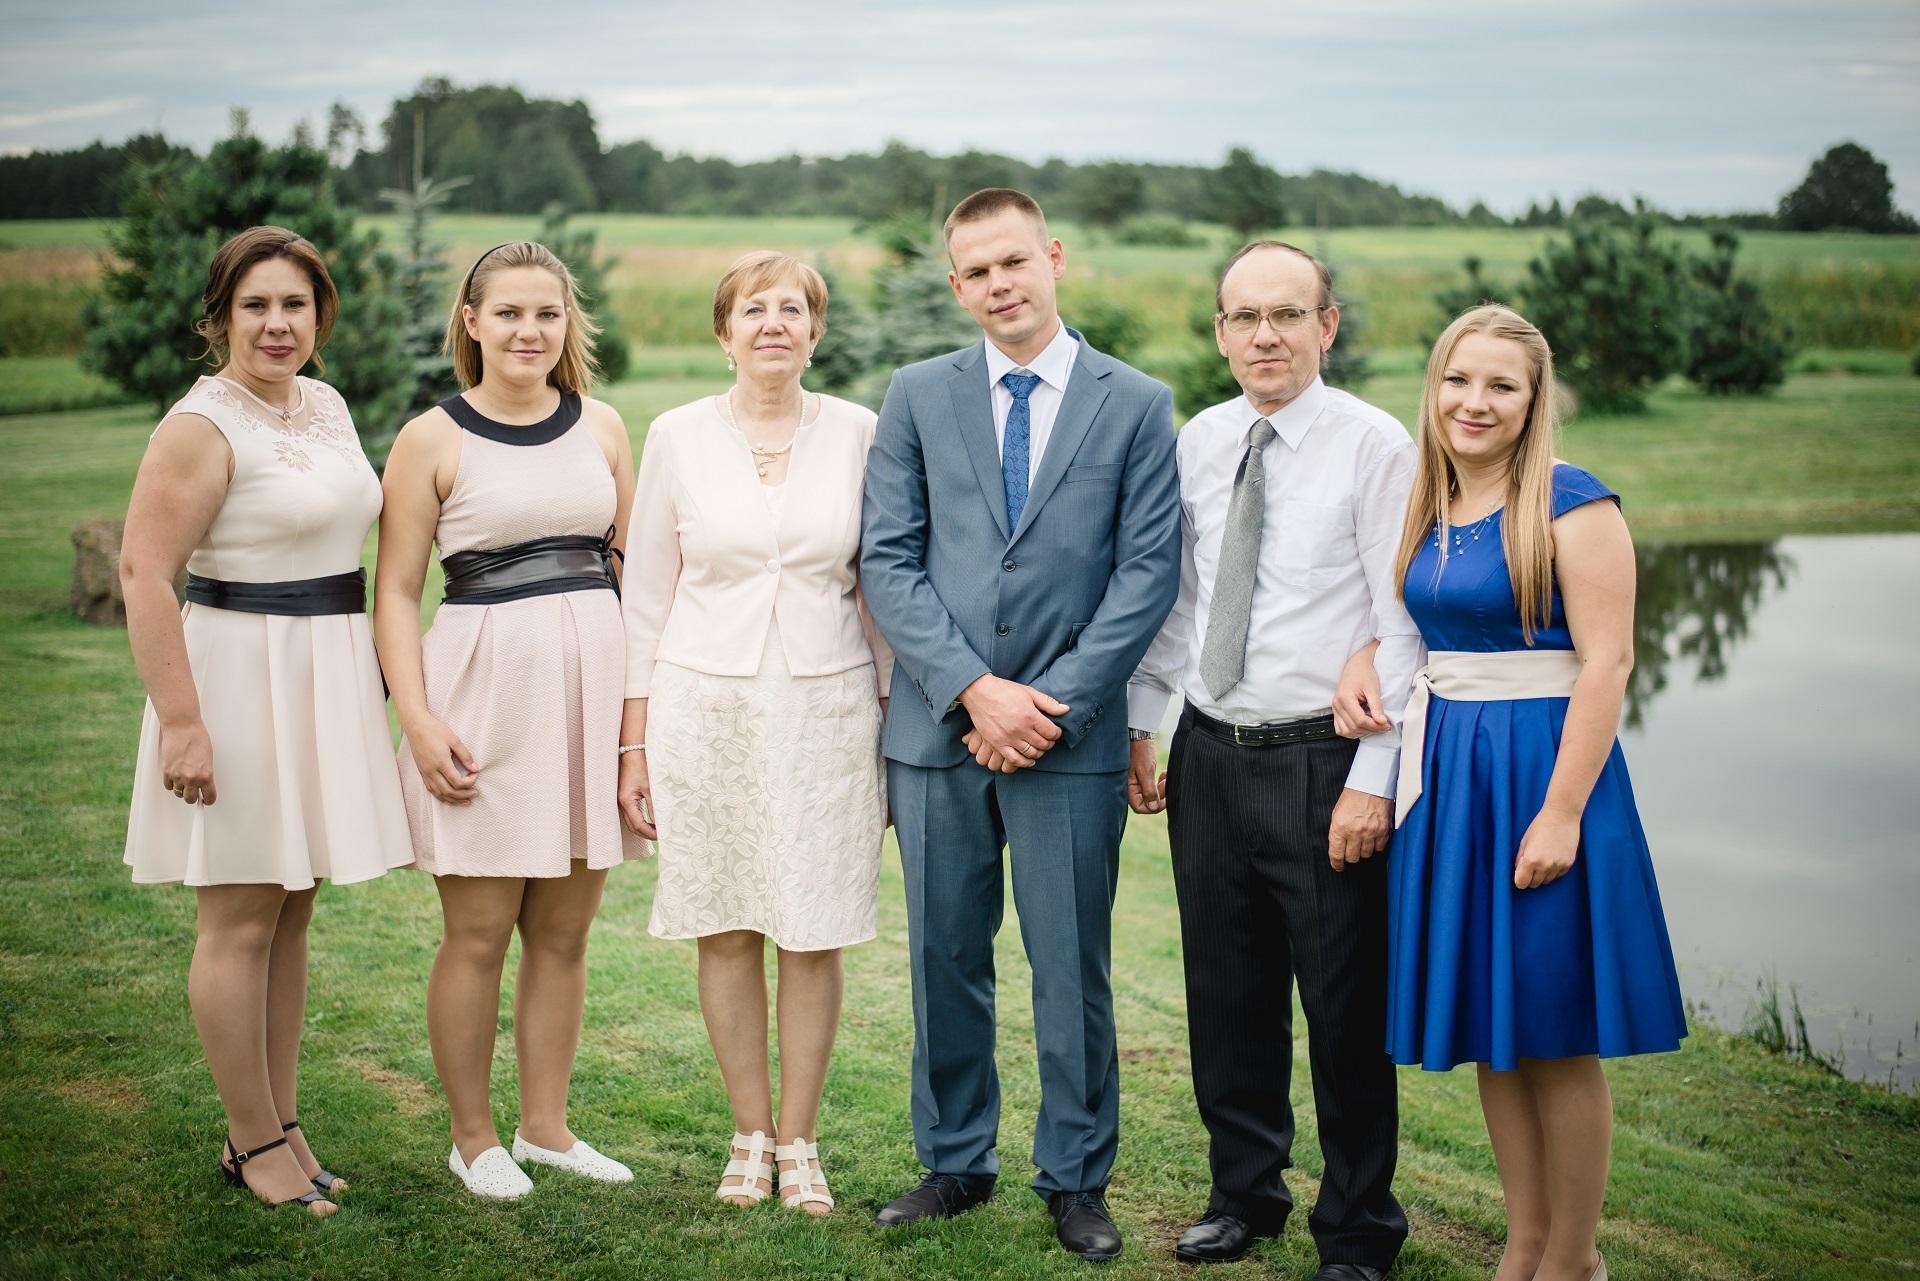 Albina Mackevičienė su savo šeima (iš kairės): dukromis Jurgita Šniepiene, Odeta Zimkevičiene, sūnumi Vaidu, vyru Stasiu ir dukra Ineta Motiejūniene. Asmeninio archyvo nuotr.